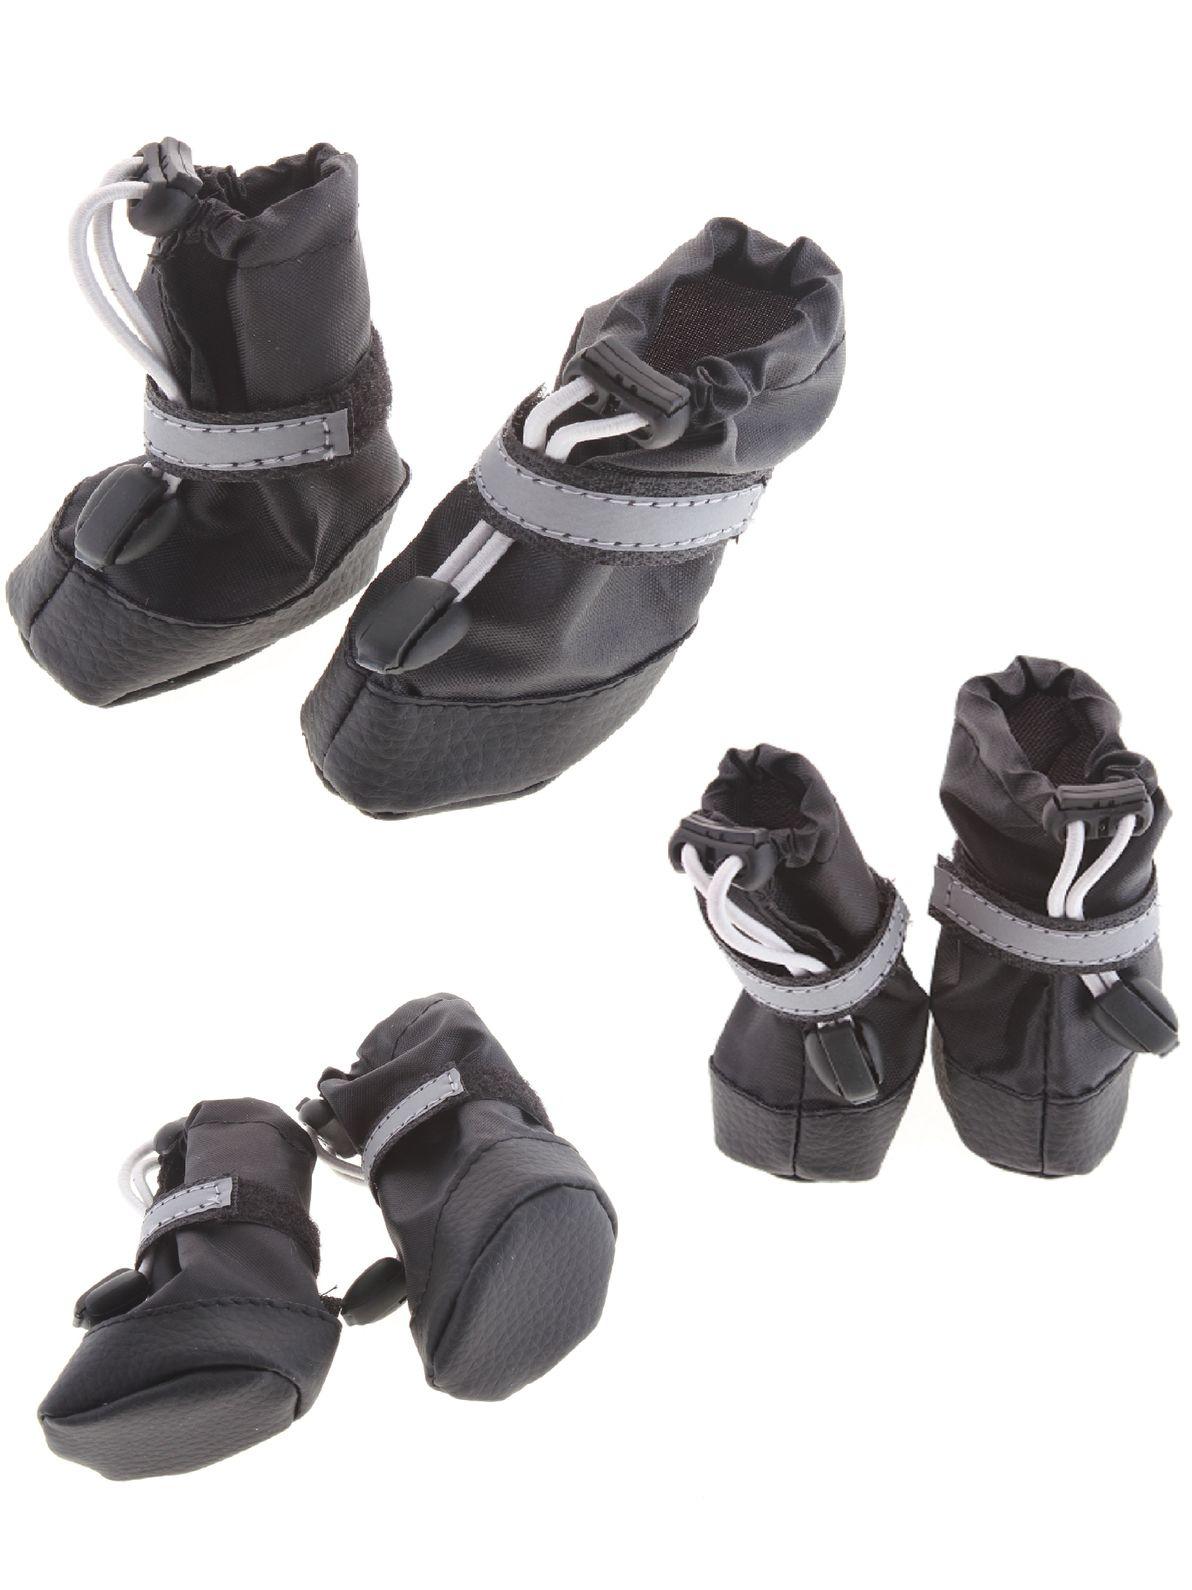 Фото - Обувь для животных ЗООМАНИЯ 7426936750193 interight пара обувь повседневная обувь плоская обувь вождение обувь горох обувь серый 235 метров